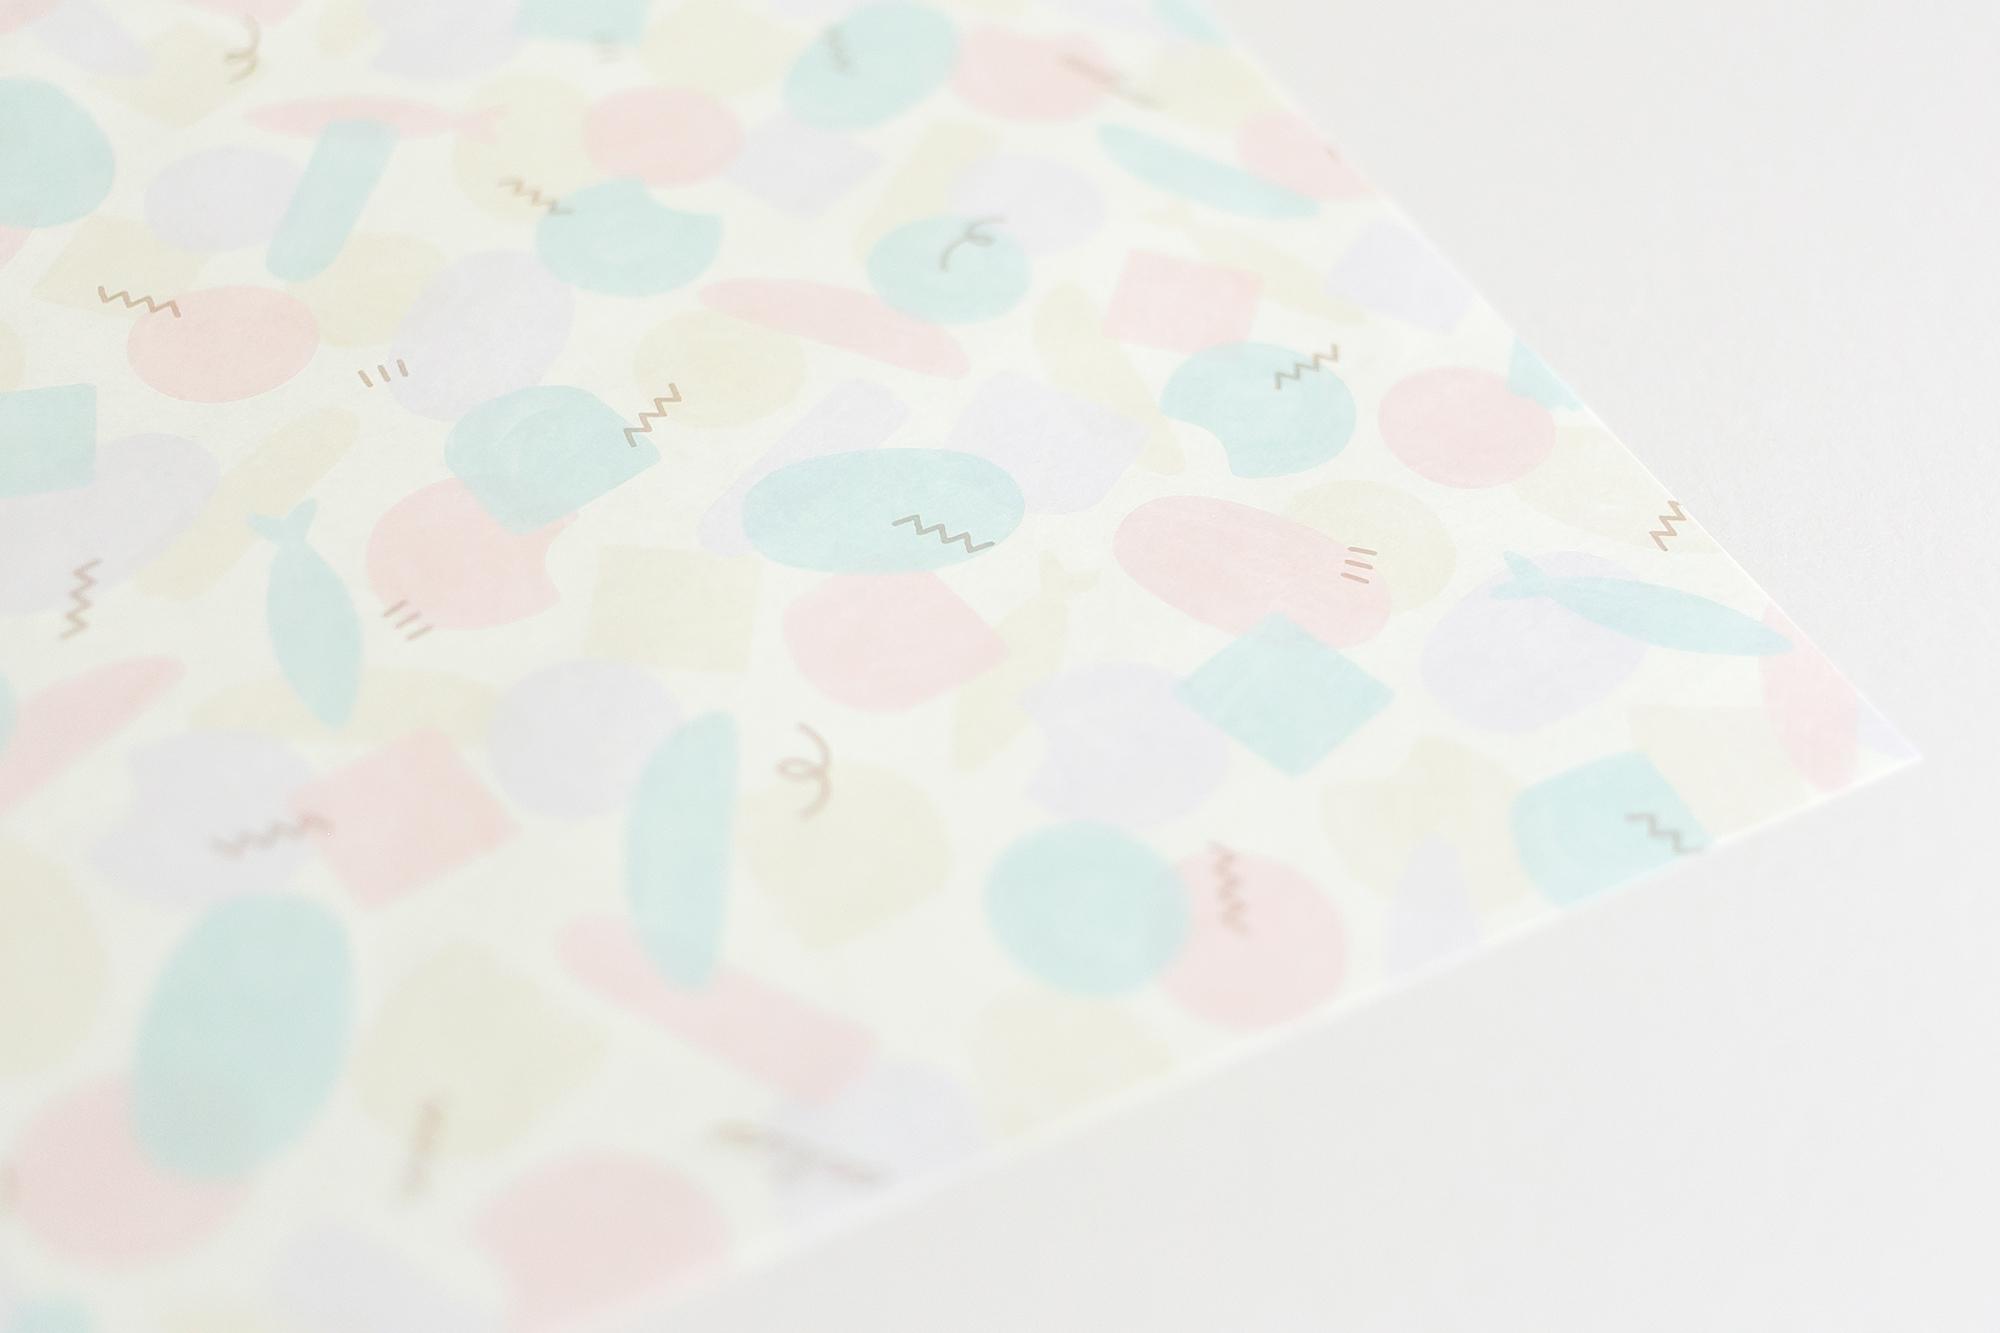 焼き菓子店の包装紙デザイン